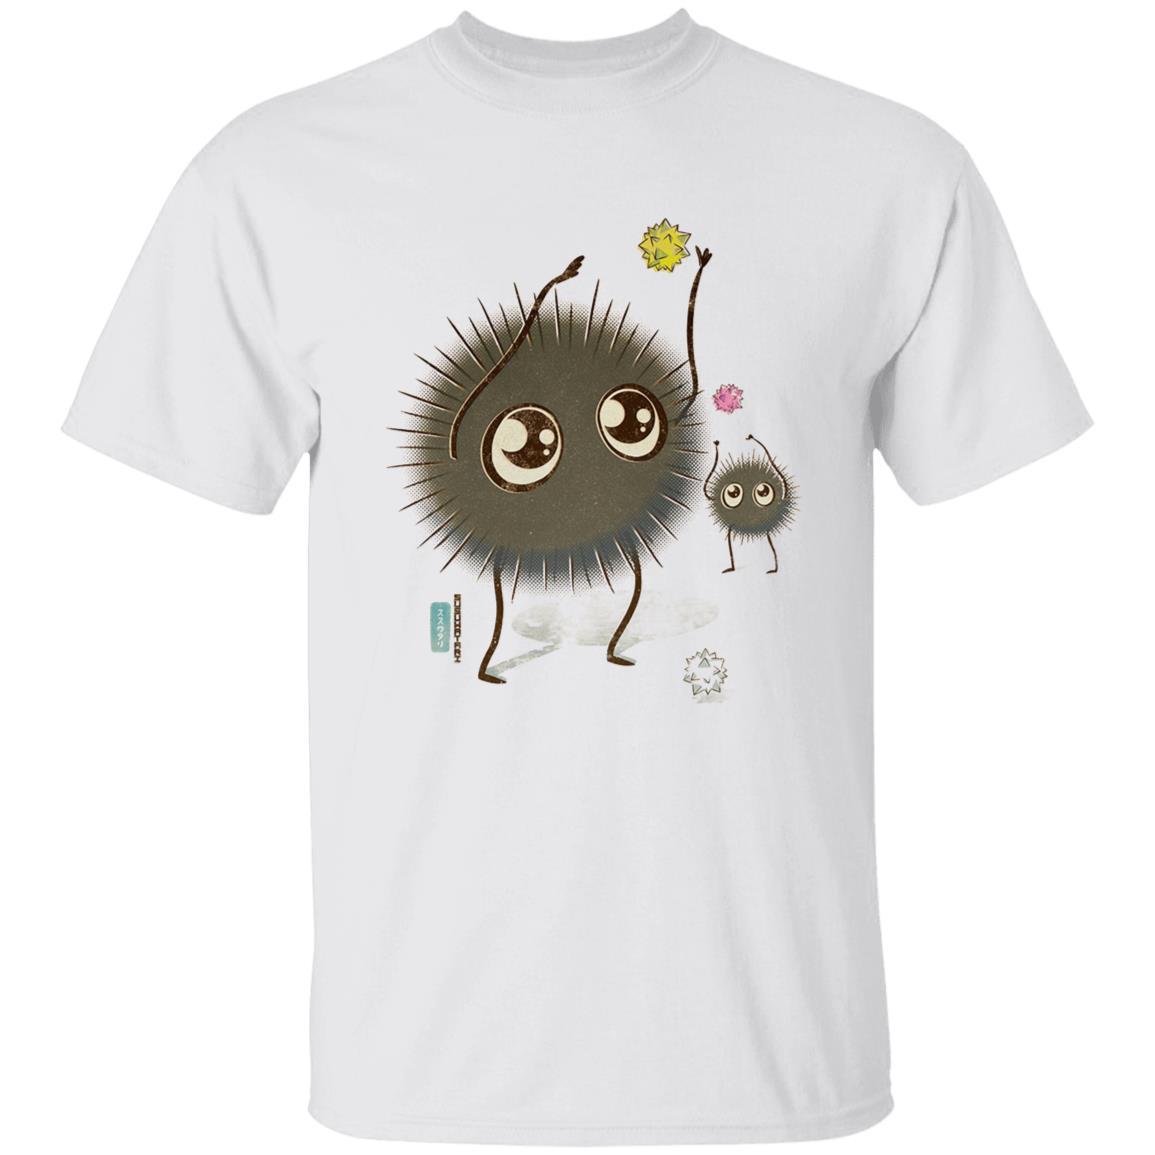 Spirited Away – Soot Spirit Chibi T Shirt